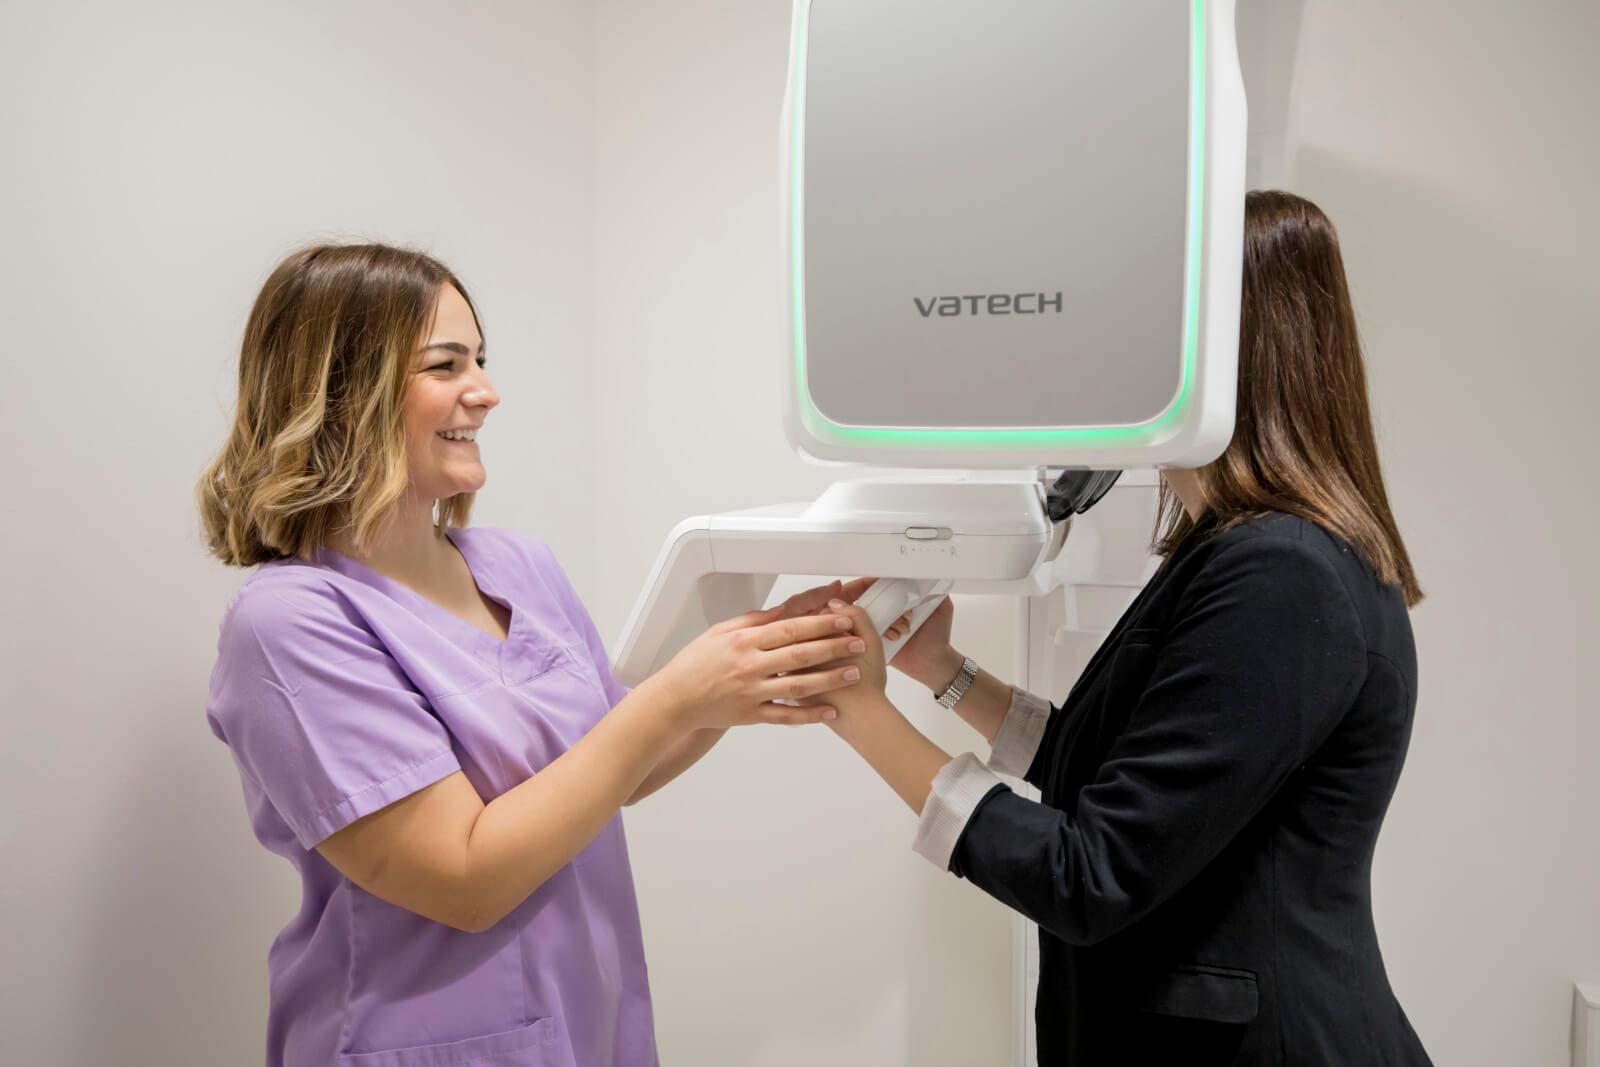 Zu unserer Technik und Ausstattung gehört ein hochmodernes OPG-Röntgengerät